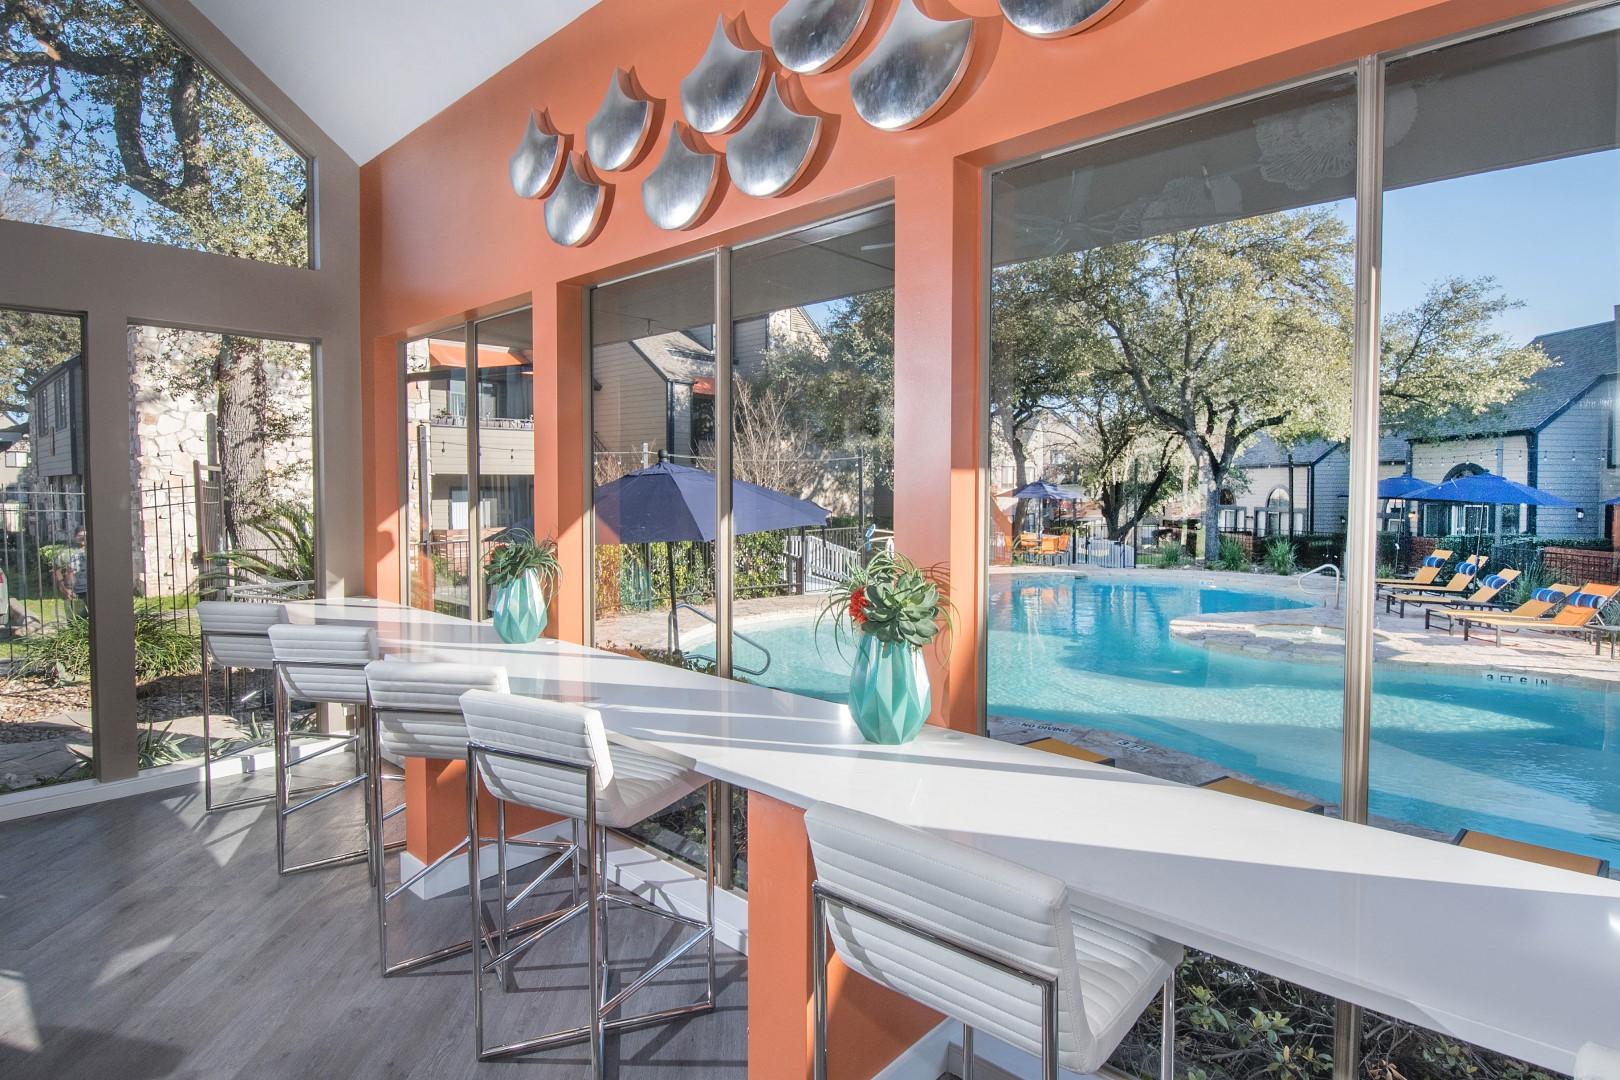 northwest san antonio apartments with pool